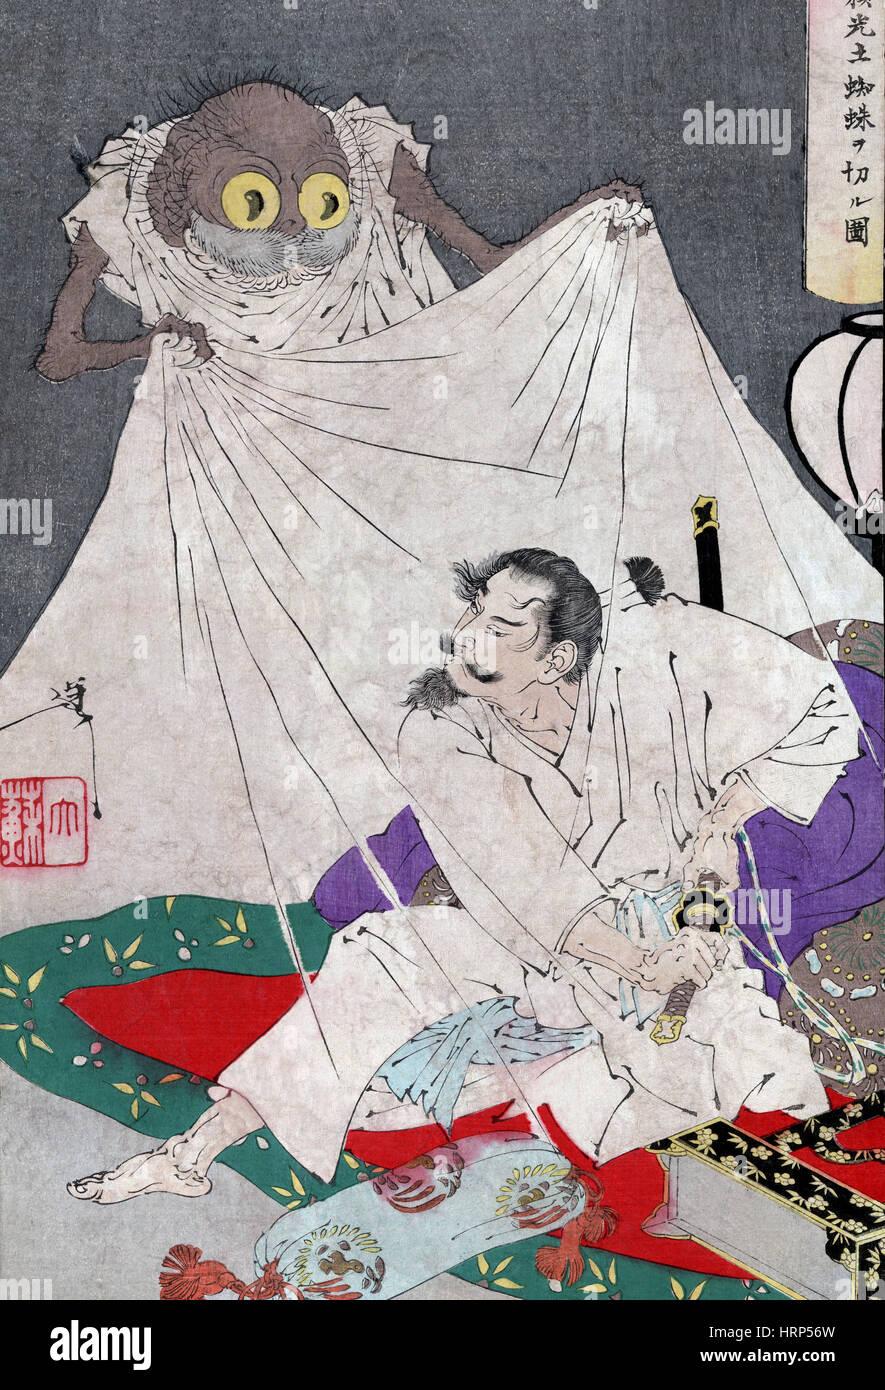 Tsuchigumo, folclore japonés Imagen De Stock